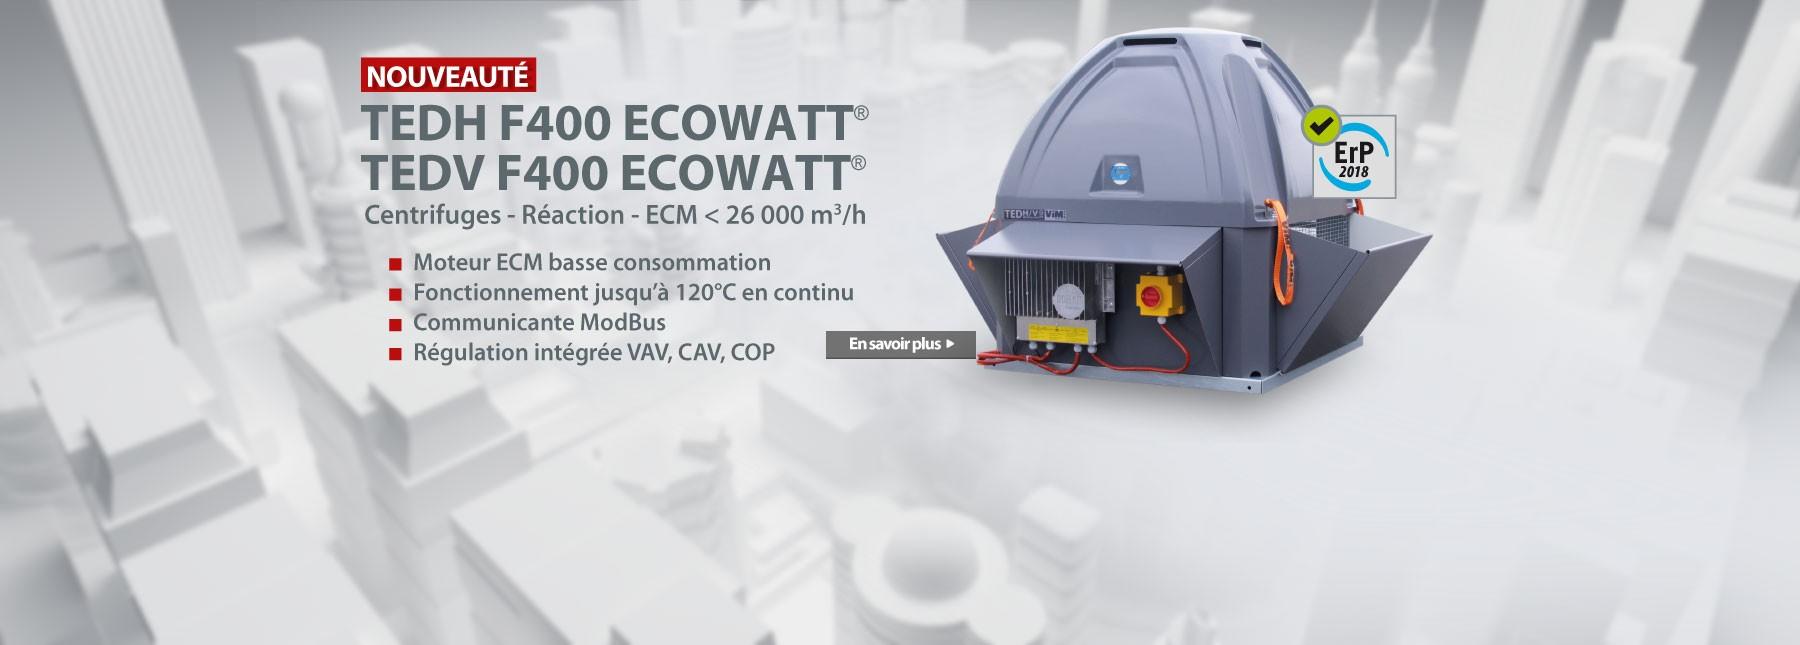 TEDH F400 ECOWATT® - TEDV F400 ECOWATT®